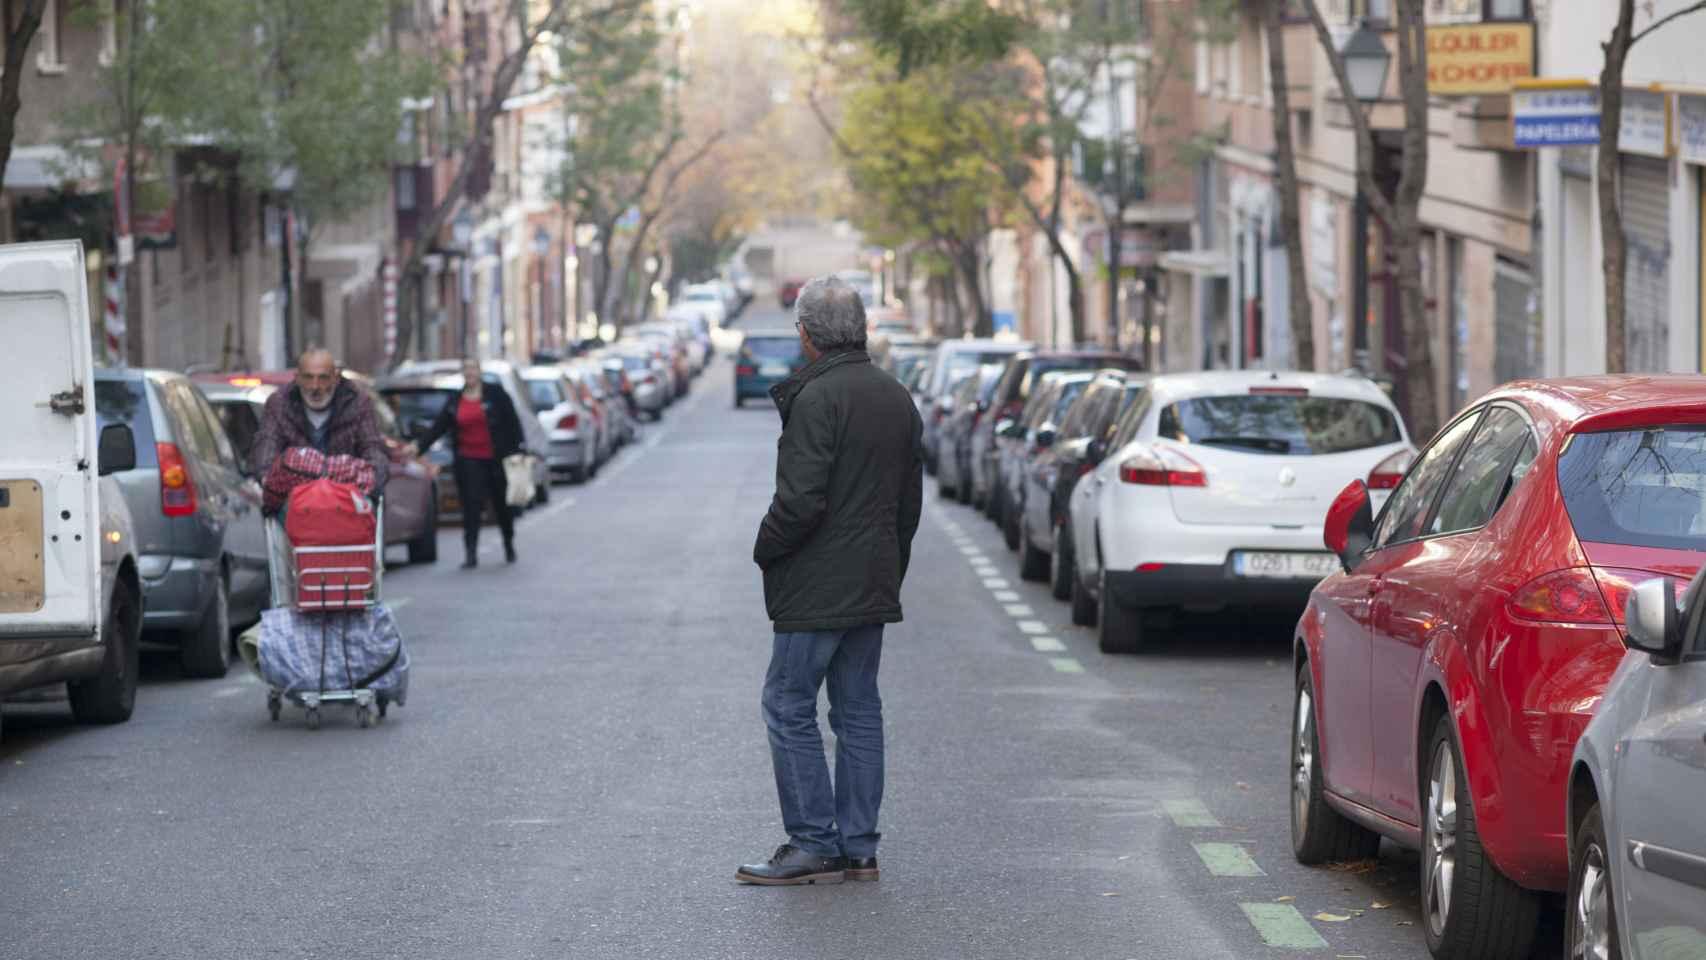 Jose Luis lucha día tras día contra la droga en su barrio.